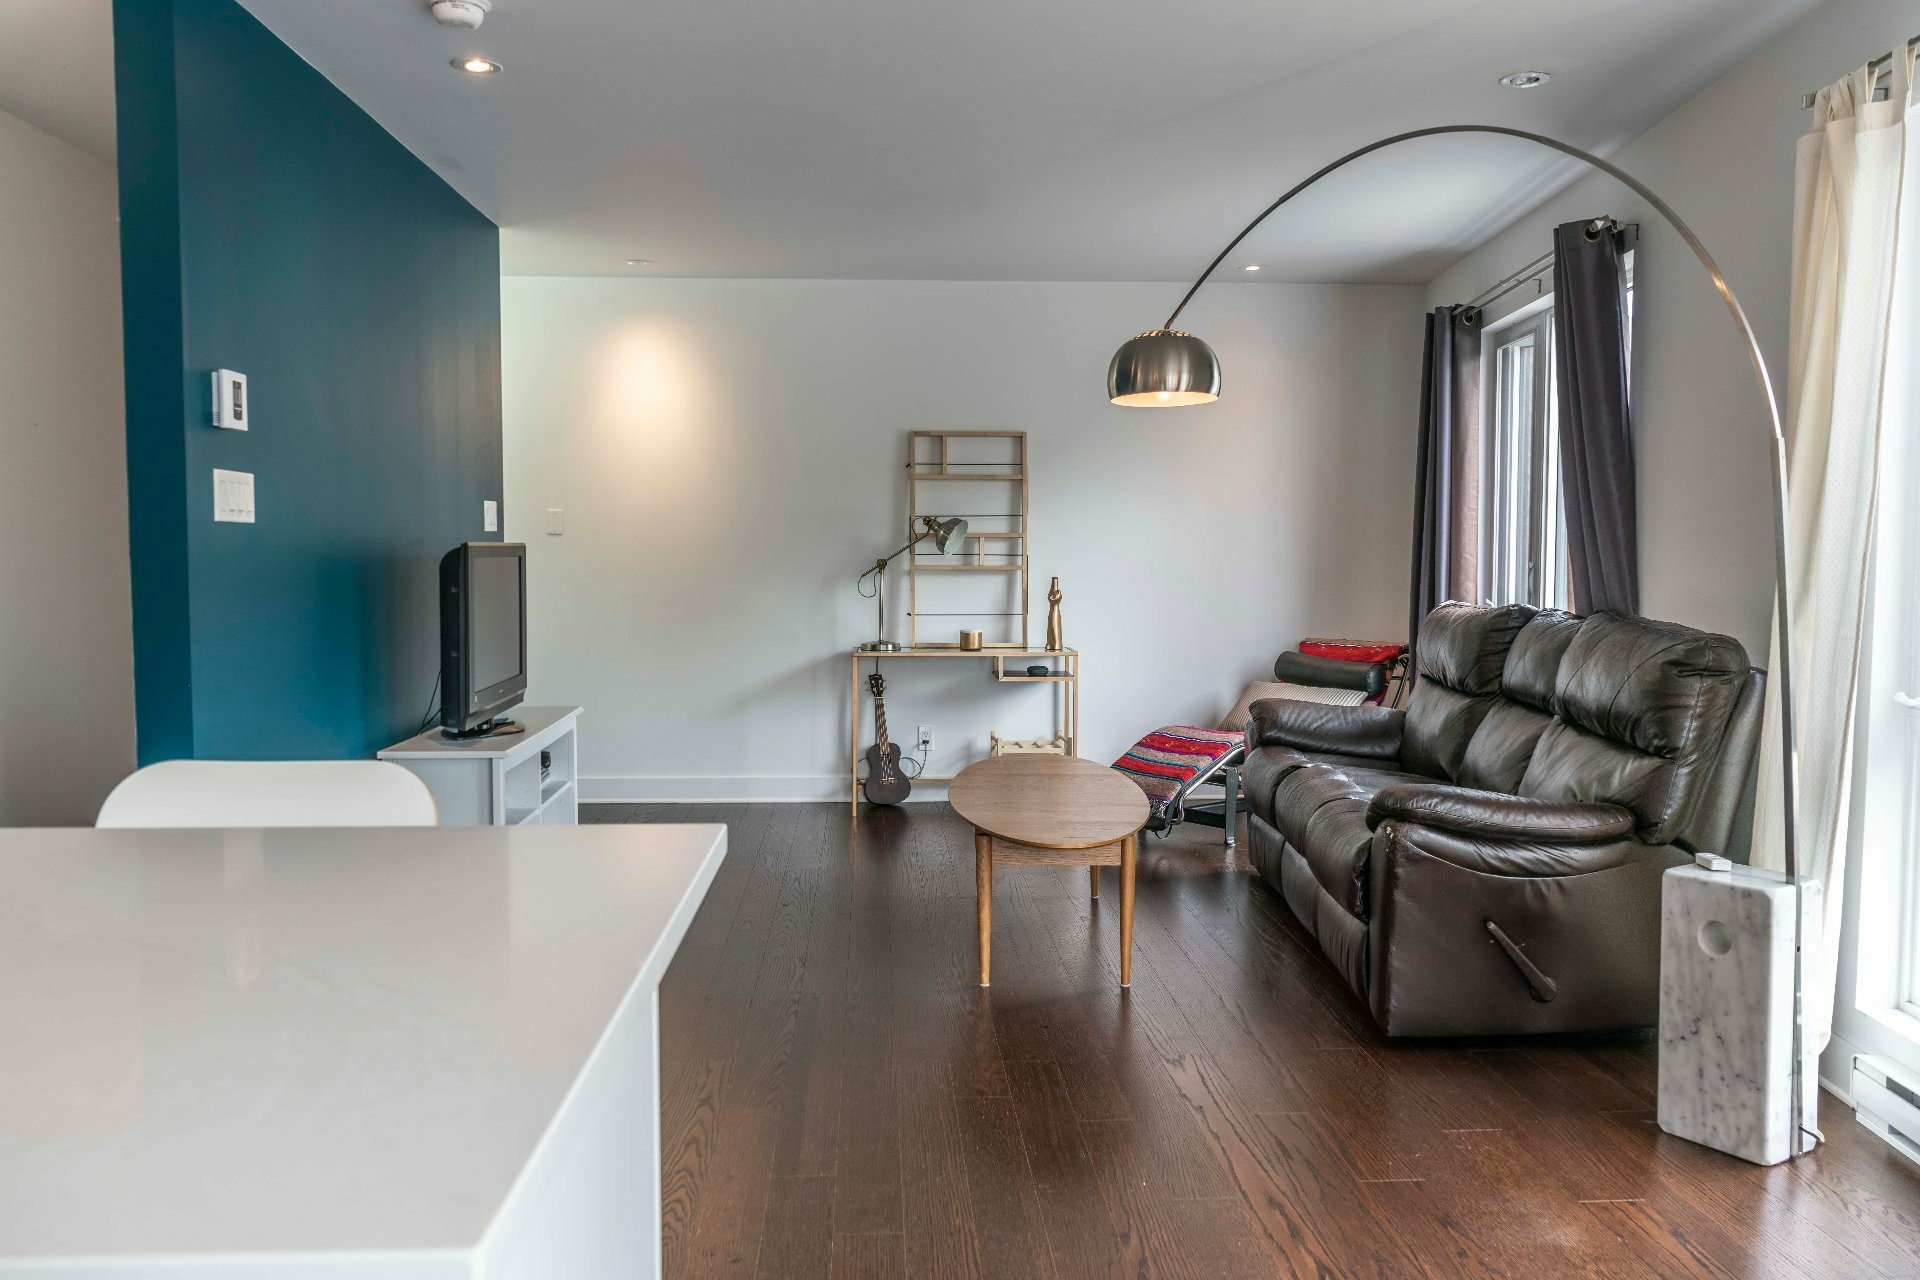 image 4 - Apartment For sale Montréal Le Sud-Ouest  - 5 rooms